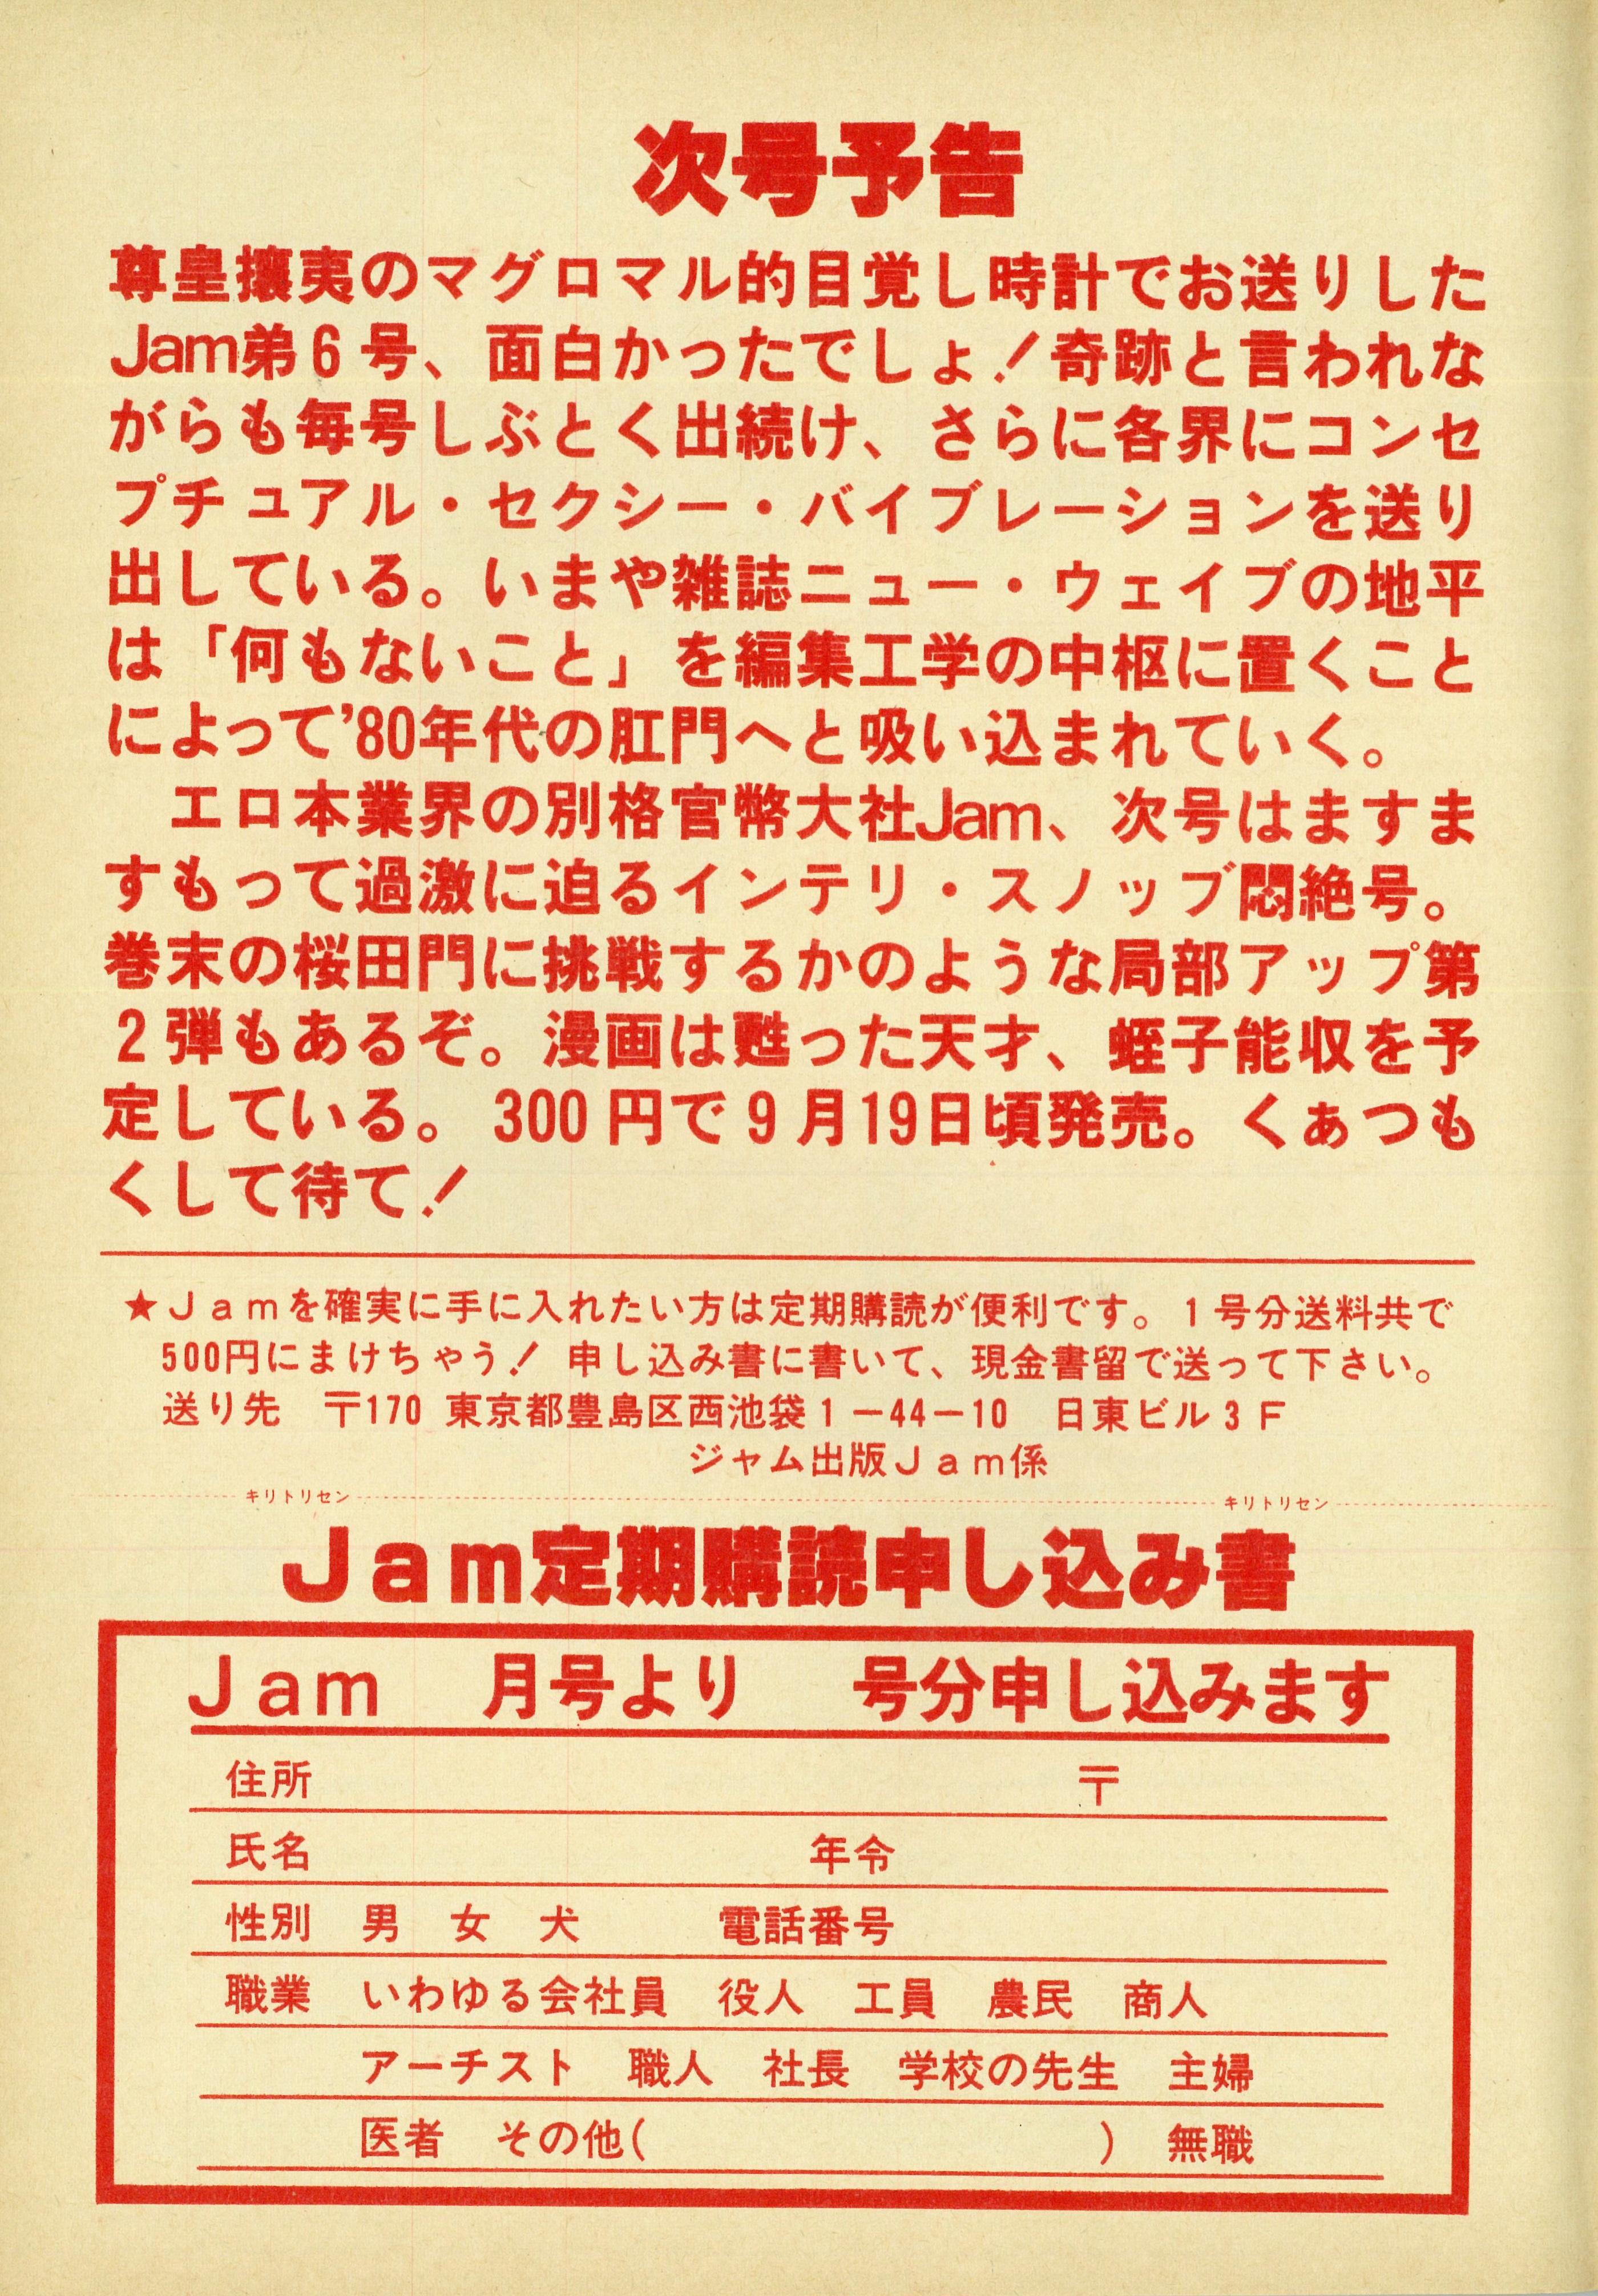 f:id:kougasetumei:20180602023536j:image